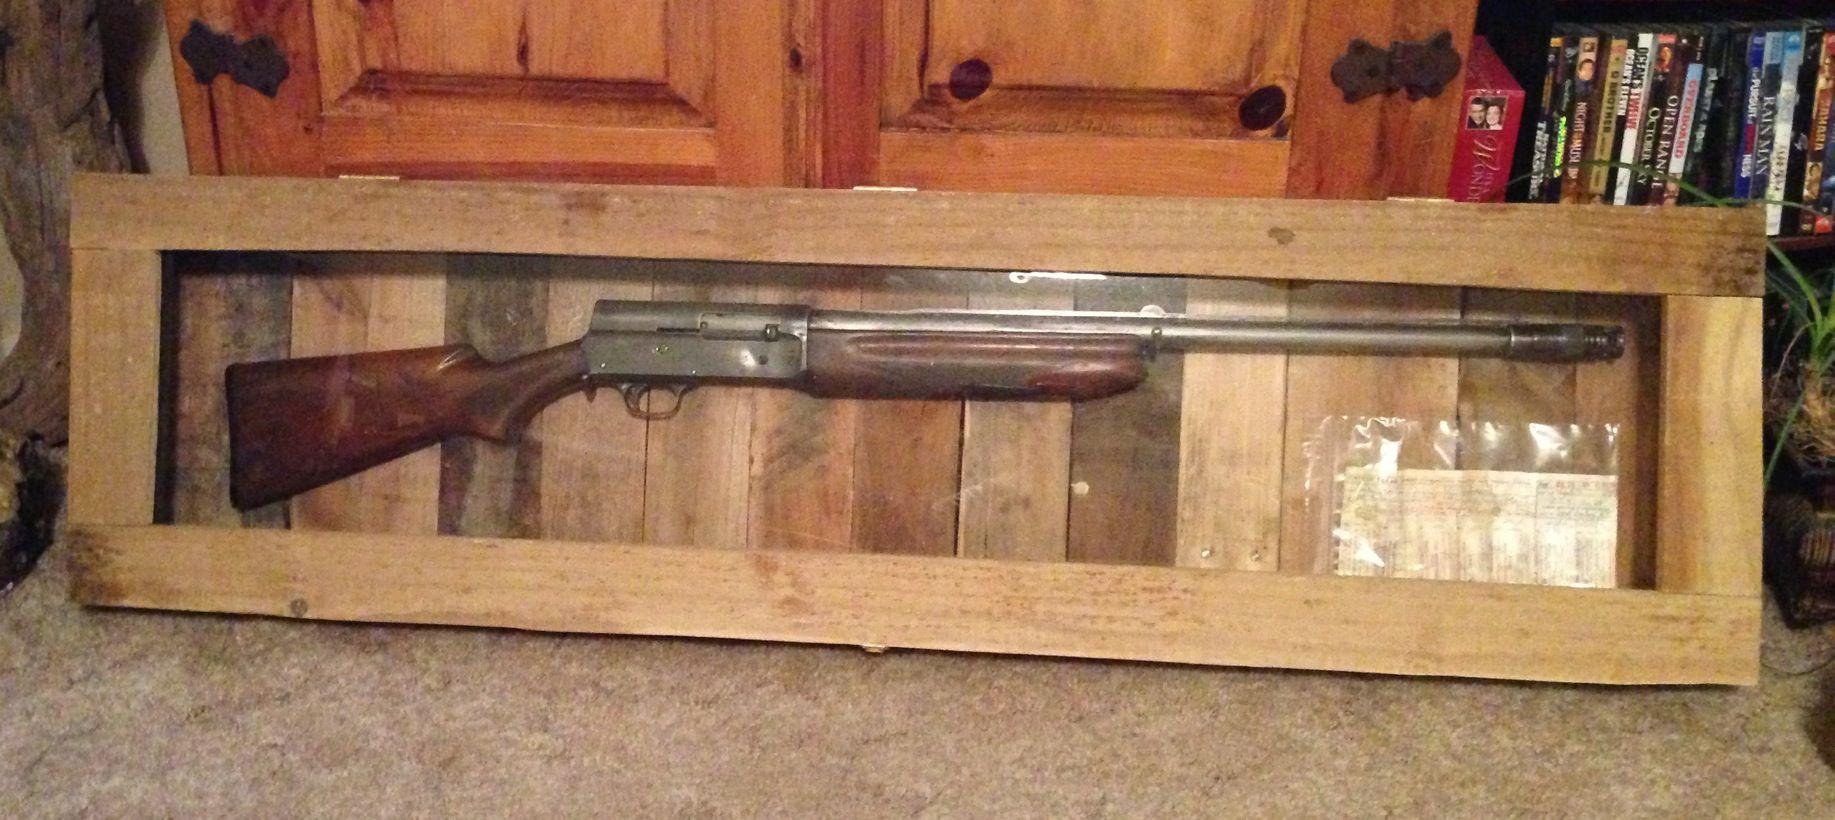 Double pistol handgun revolver gun display case cabinet rack shadowbox - Gun Display Case Made From Pallets